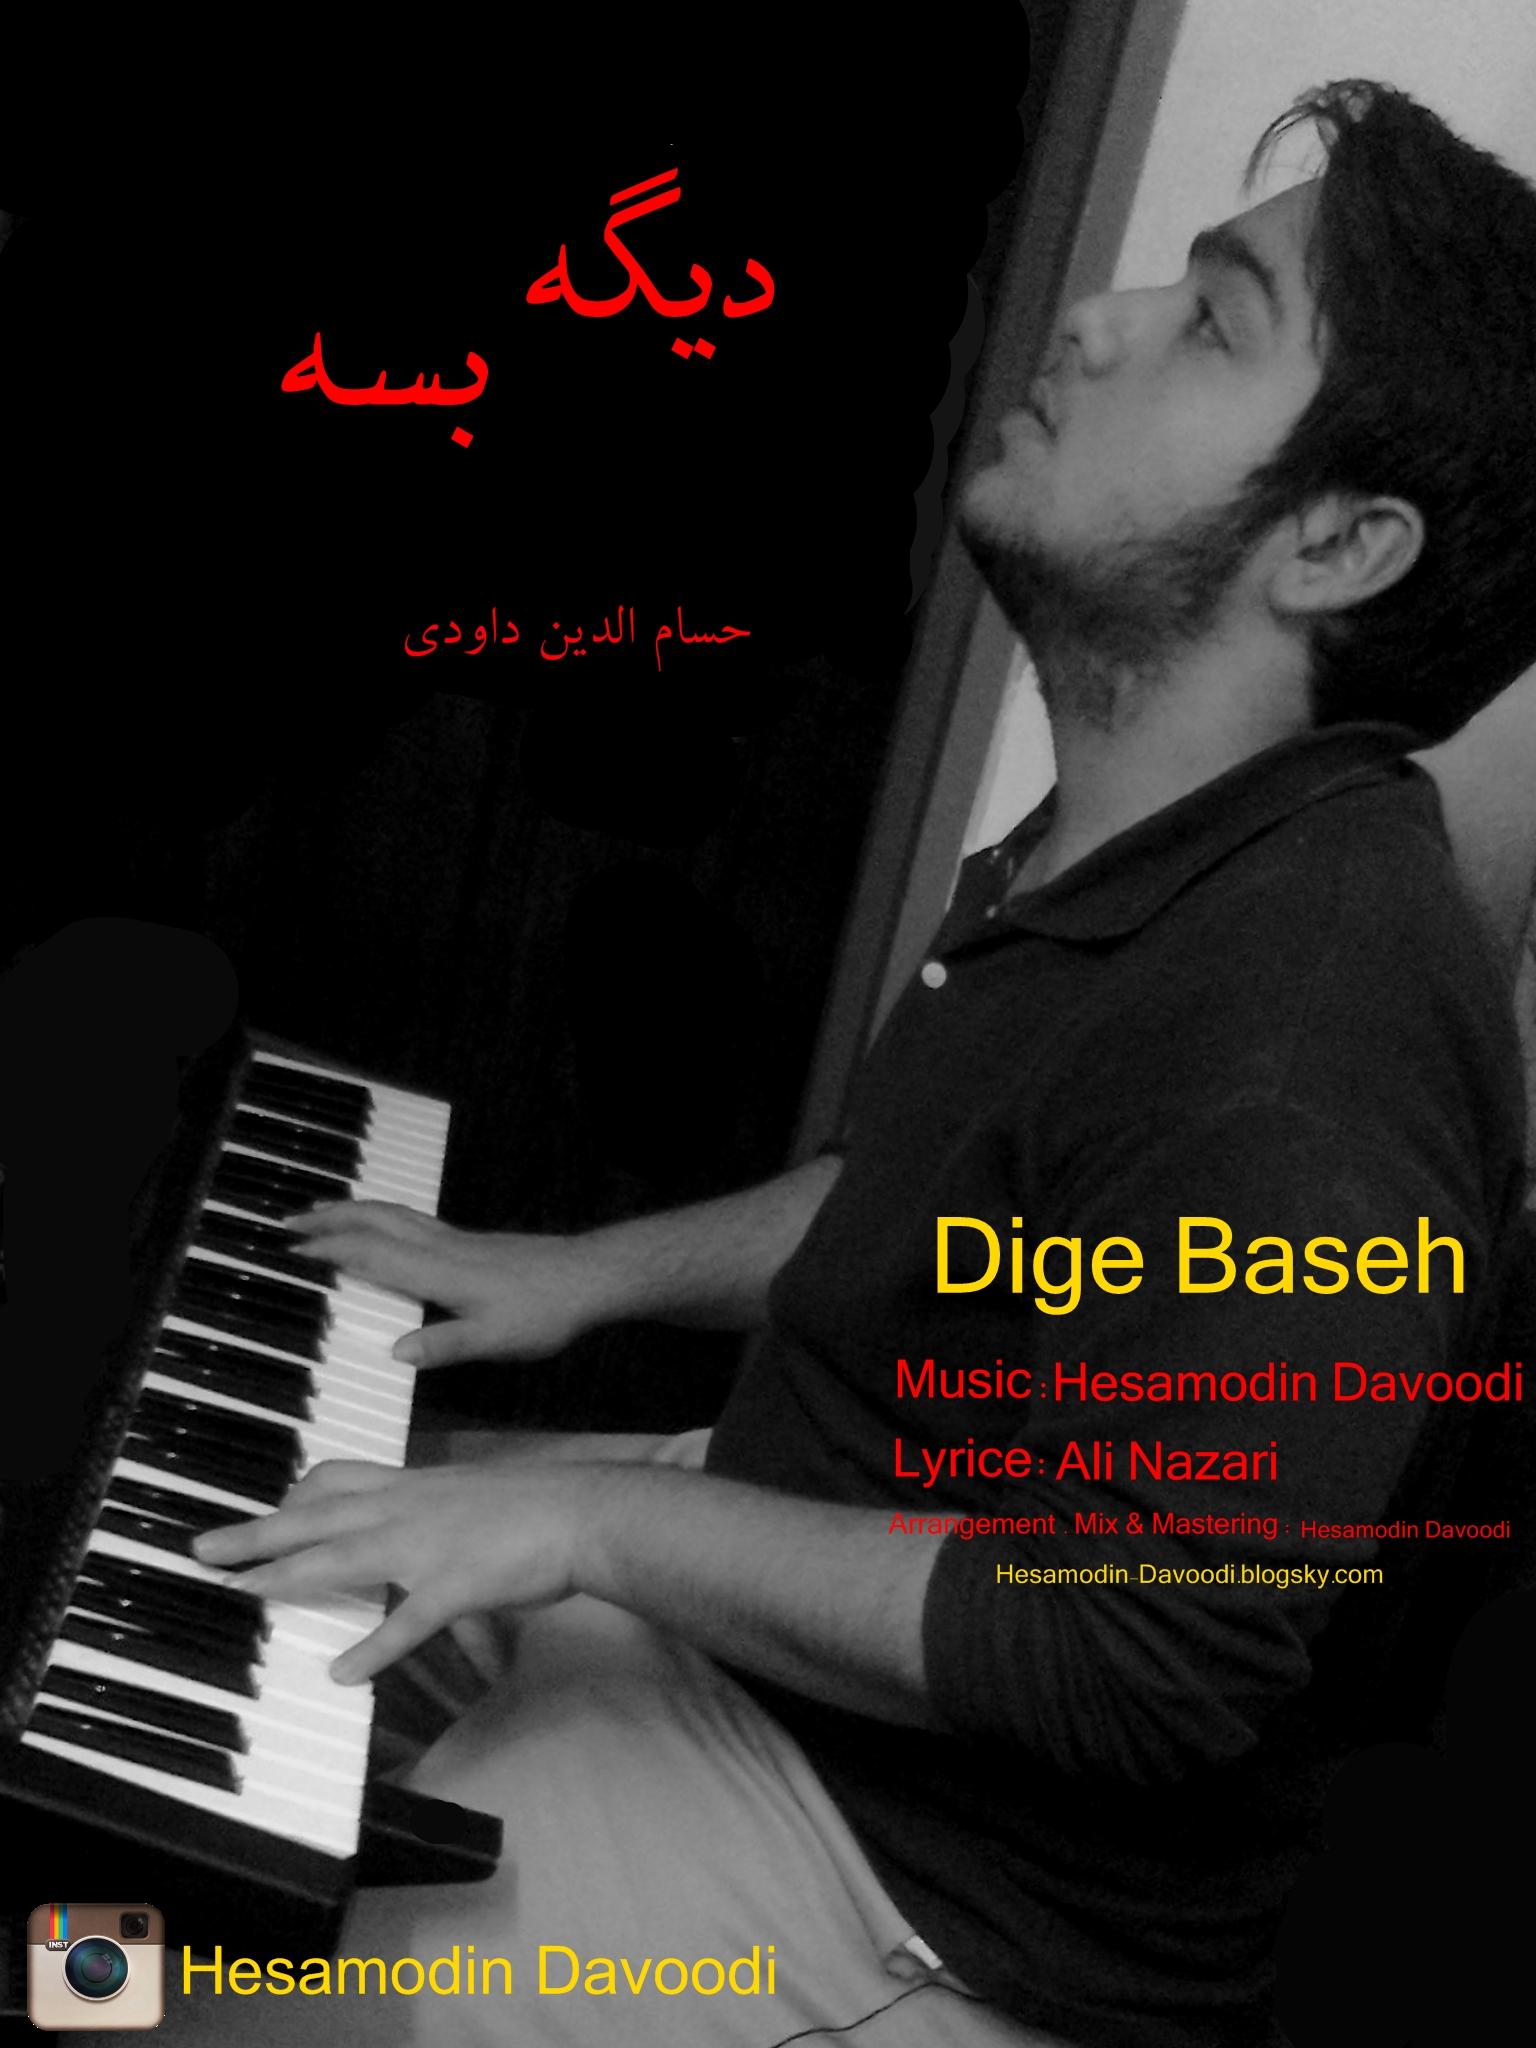 نمایش پست : دانلود آهنگ جدید حسام الدین داودی به نام دیگه بسه